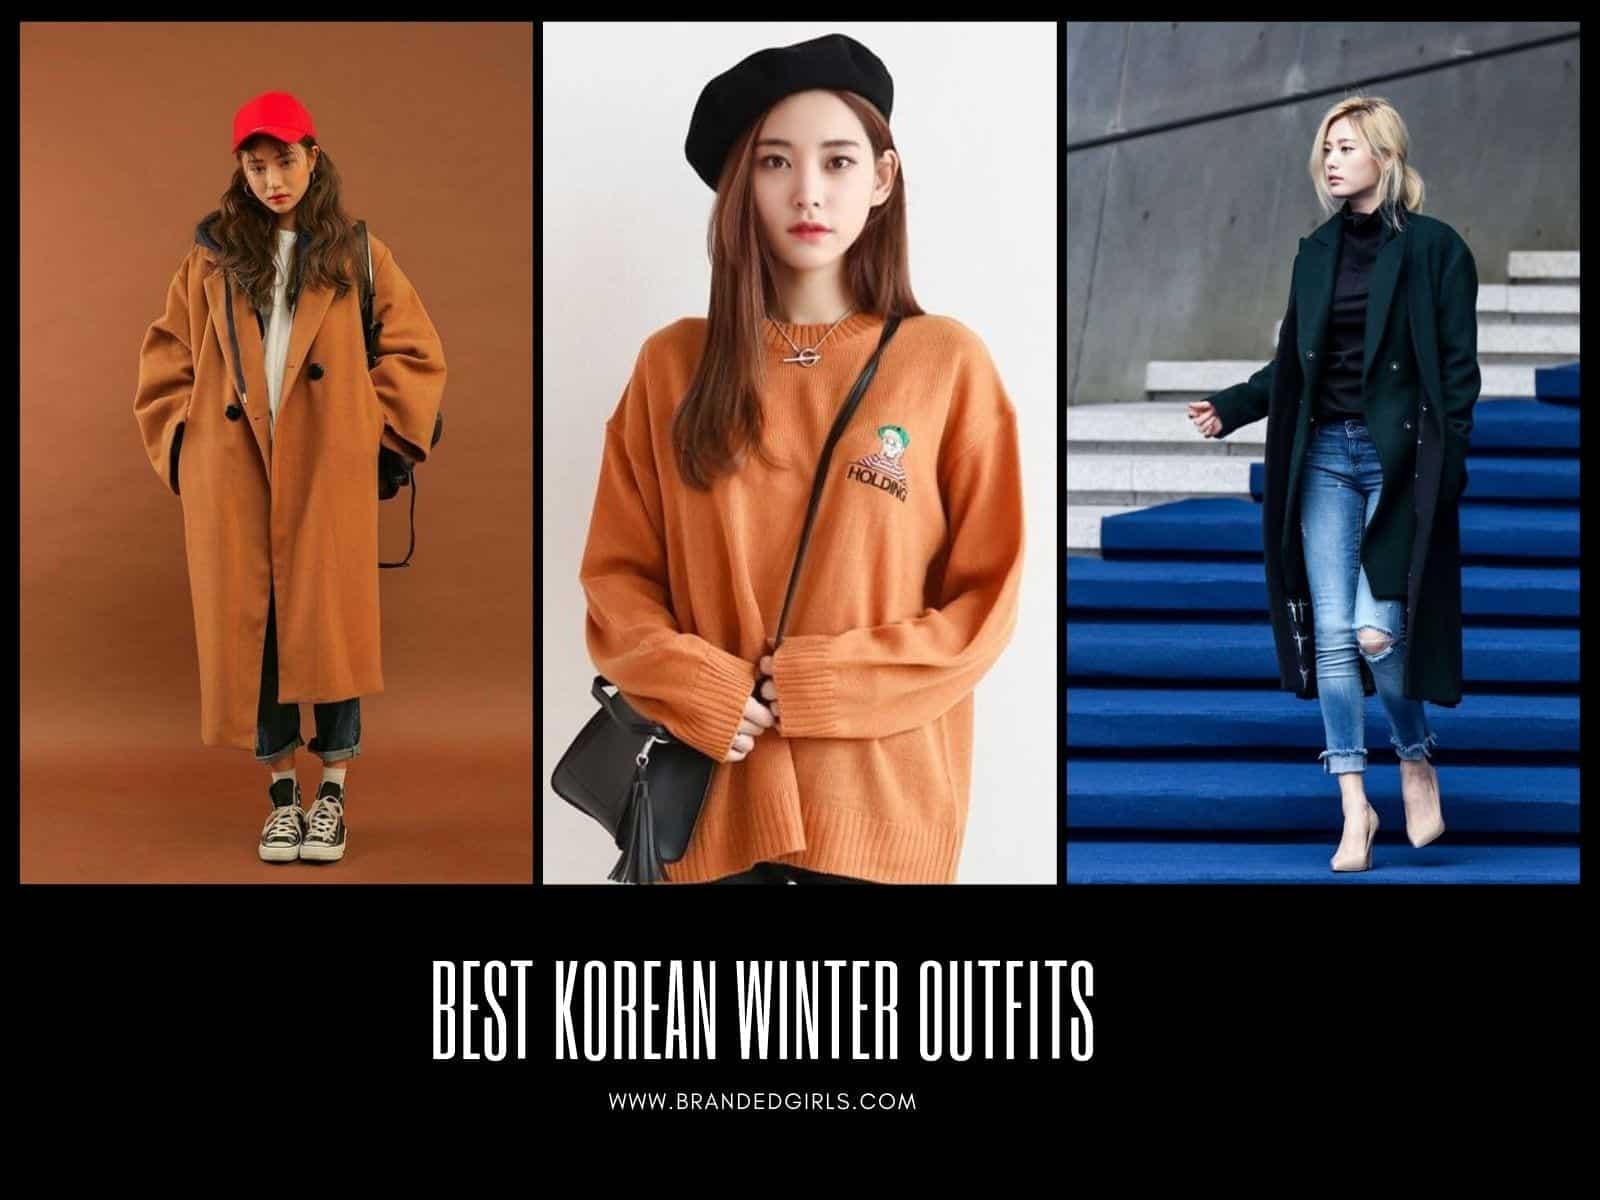 Korean-Winter-Outfits Korean Winter Fashion - 26 Best Korean Winter Outfits